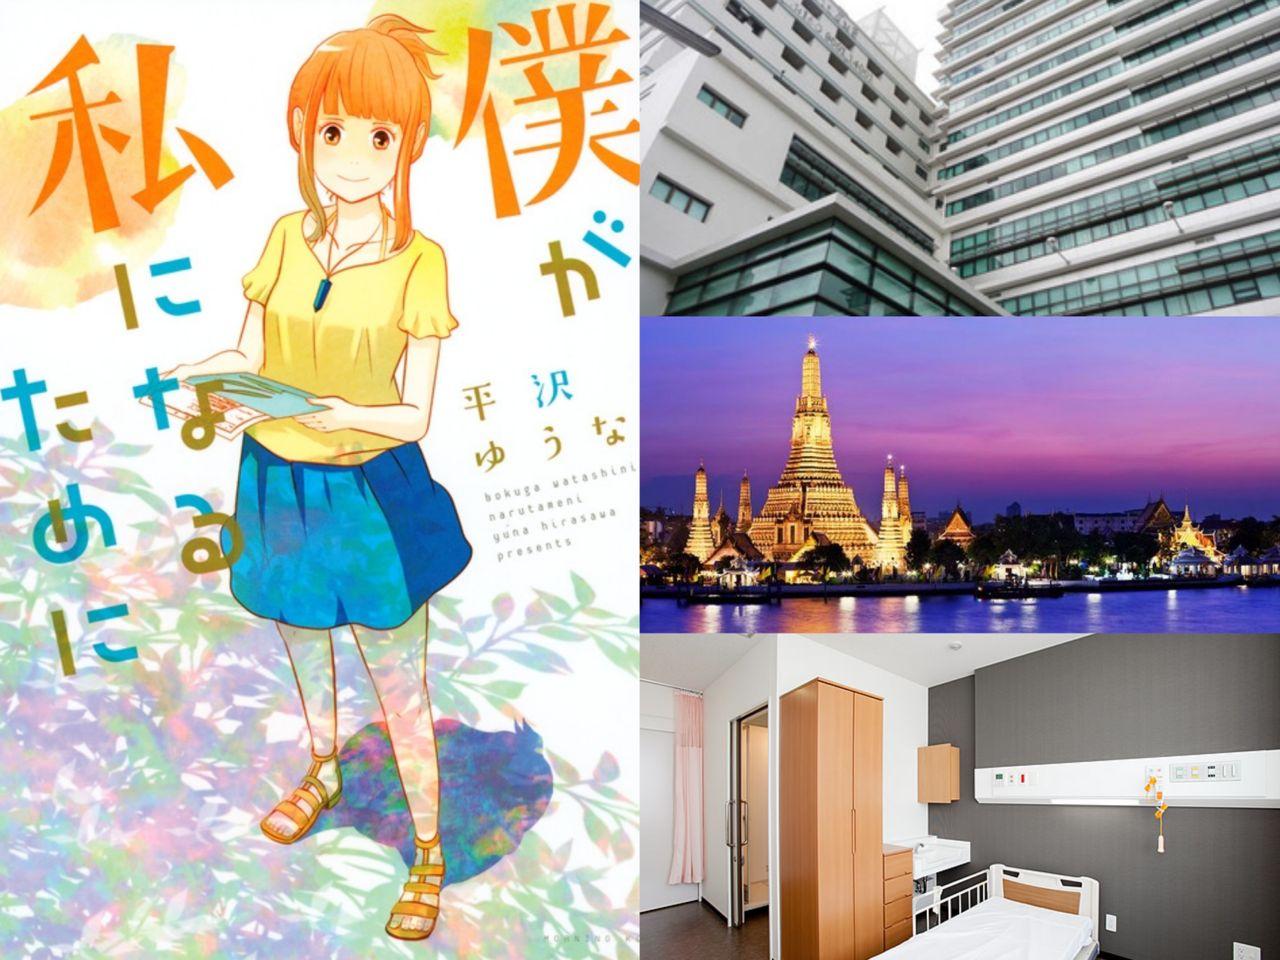 画像引用元 http://charisthailand.seesaa.net/article/421858944.html http://www.yanagawa-hsp.jp/facilities/3f.html https://www.tripadvisor.co.uk/Hotels-g293916-Bangkok-Hotels.html